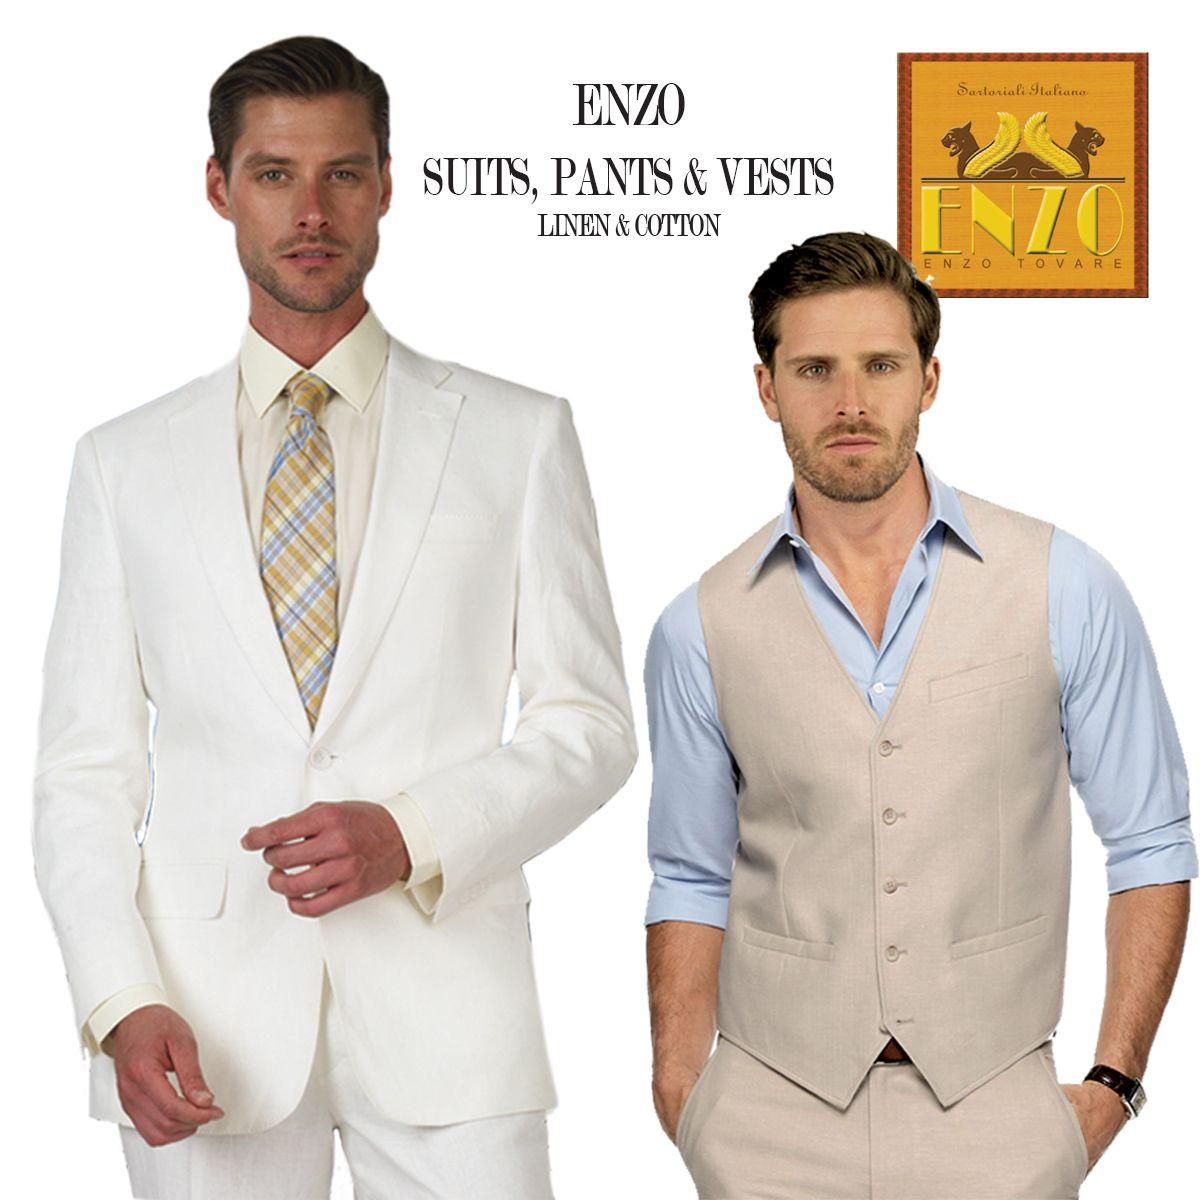 Enzo Linen Suits Pants Vests Suits Linen Suit Italy Fashion